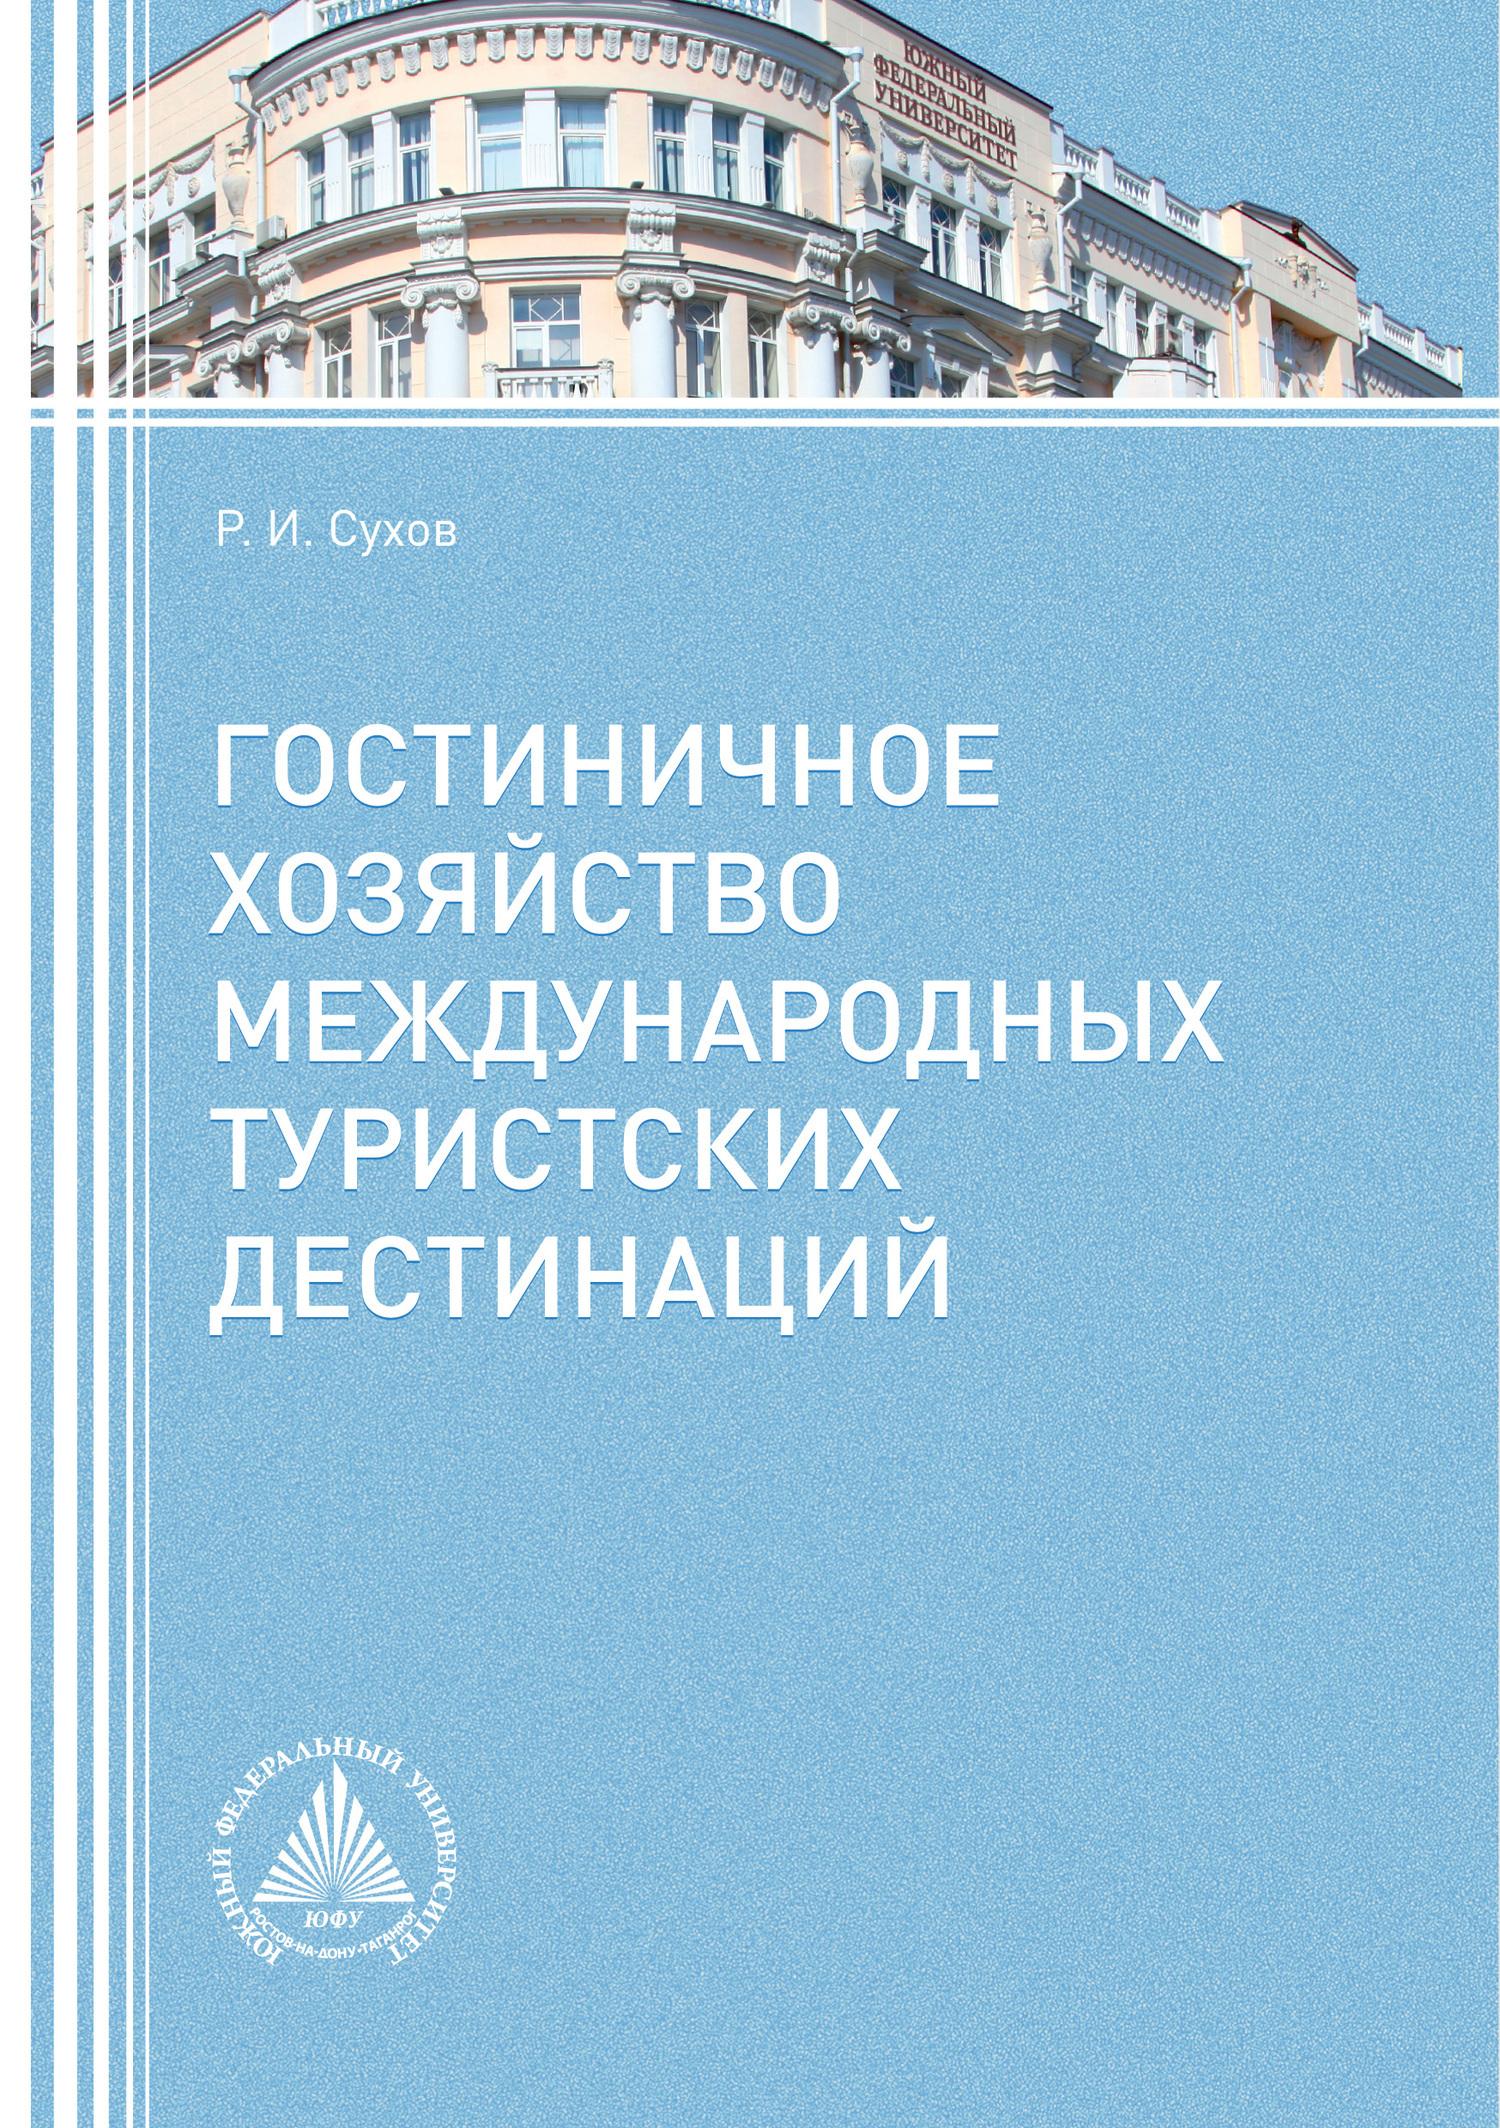 Р. И. Сухов Гостиничное хозяйство международных туристских дестинаций